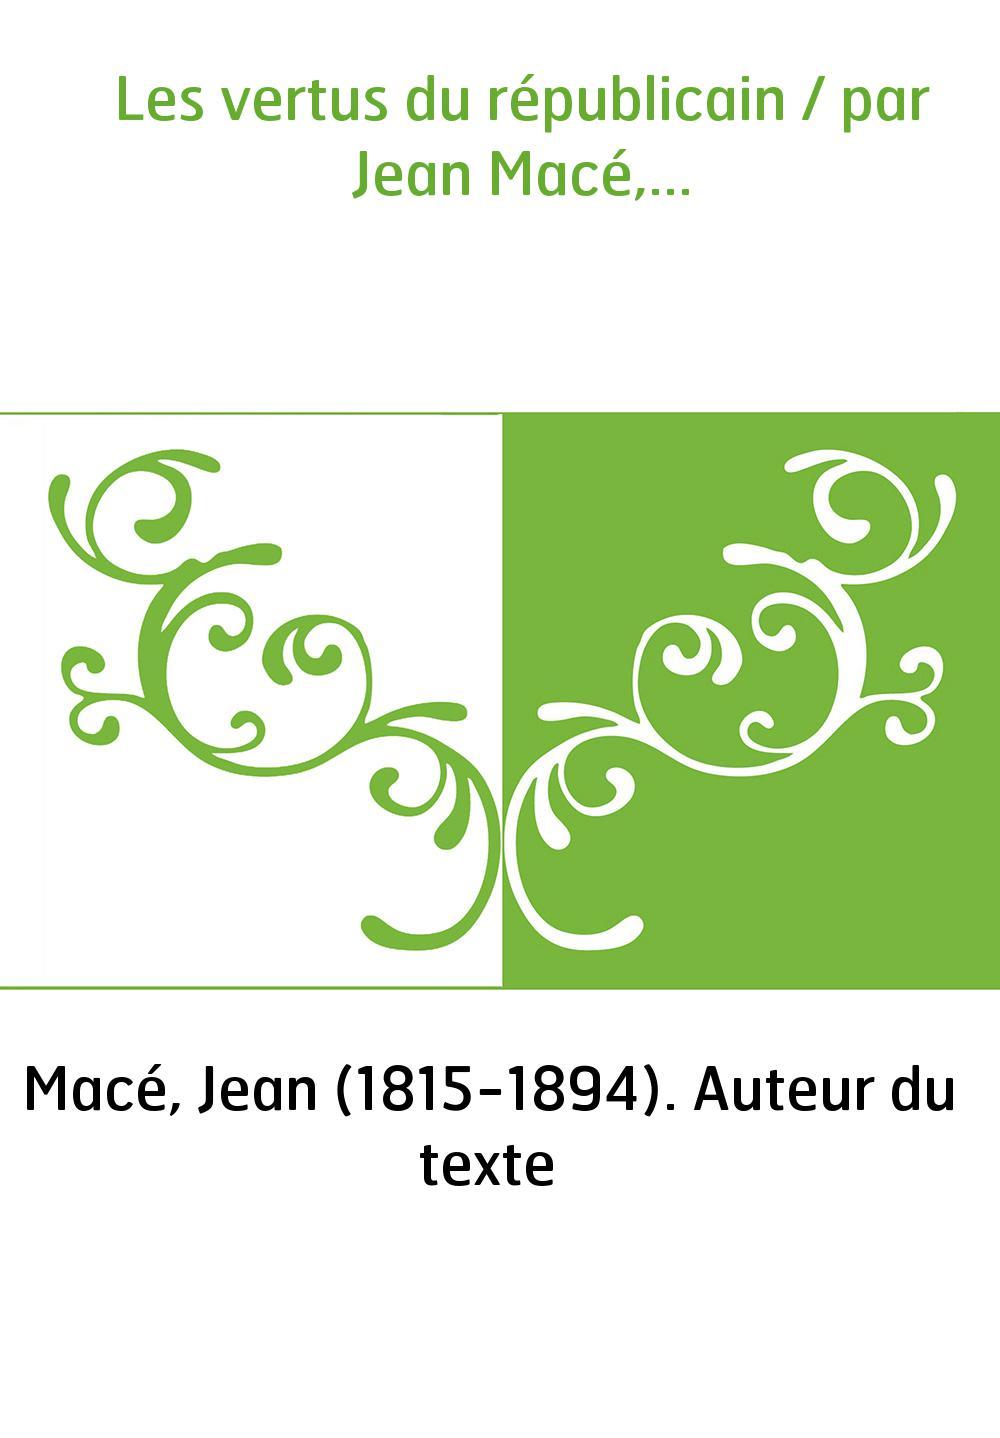 Les vertus du républicain / par Jean Macé,...